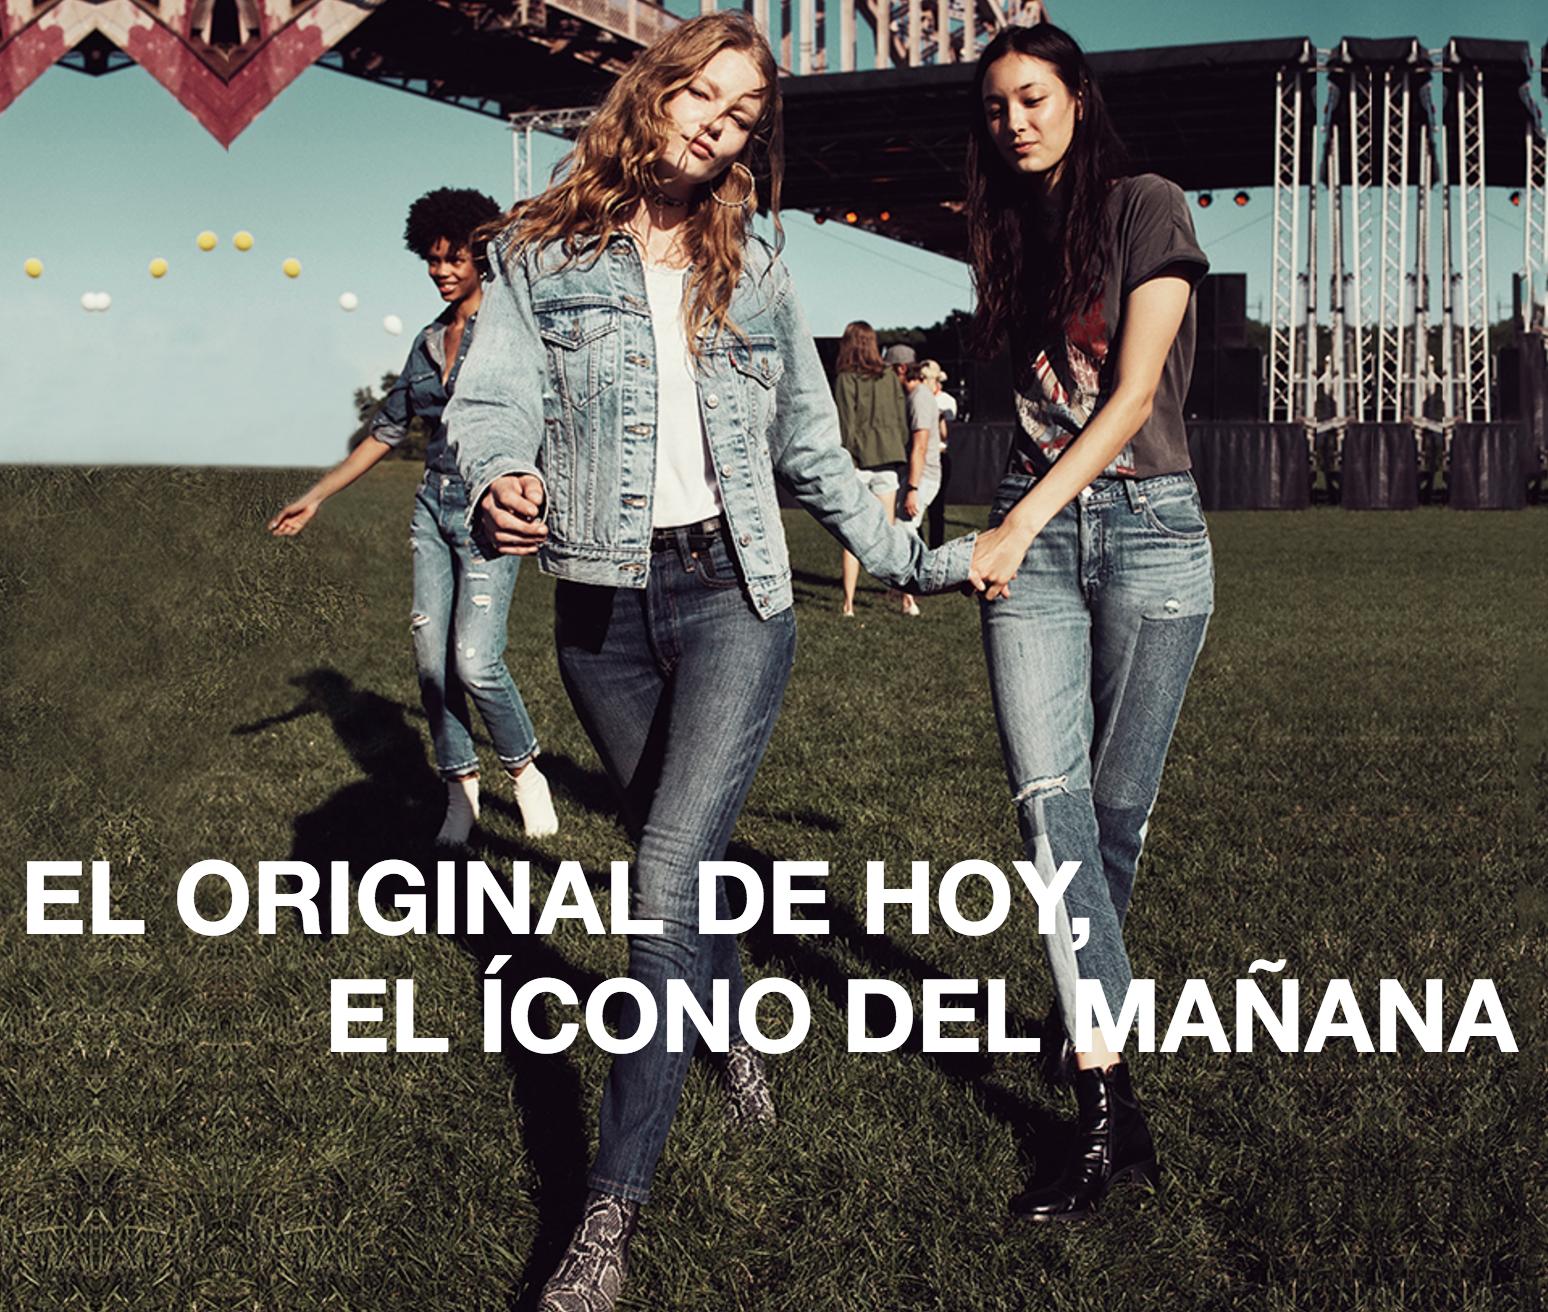 EL ORIGINAL DE HOY, EL ÍCONO DEL MAÑANA